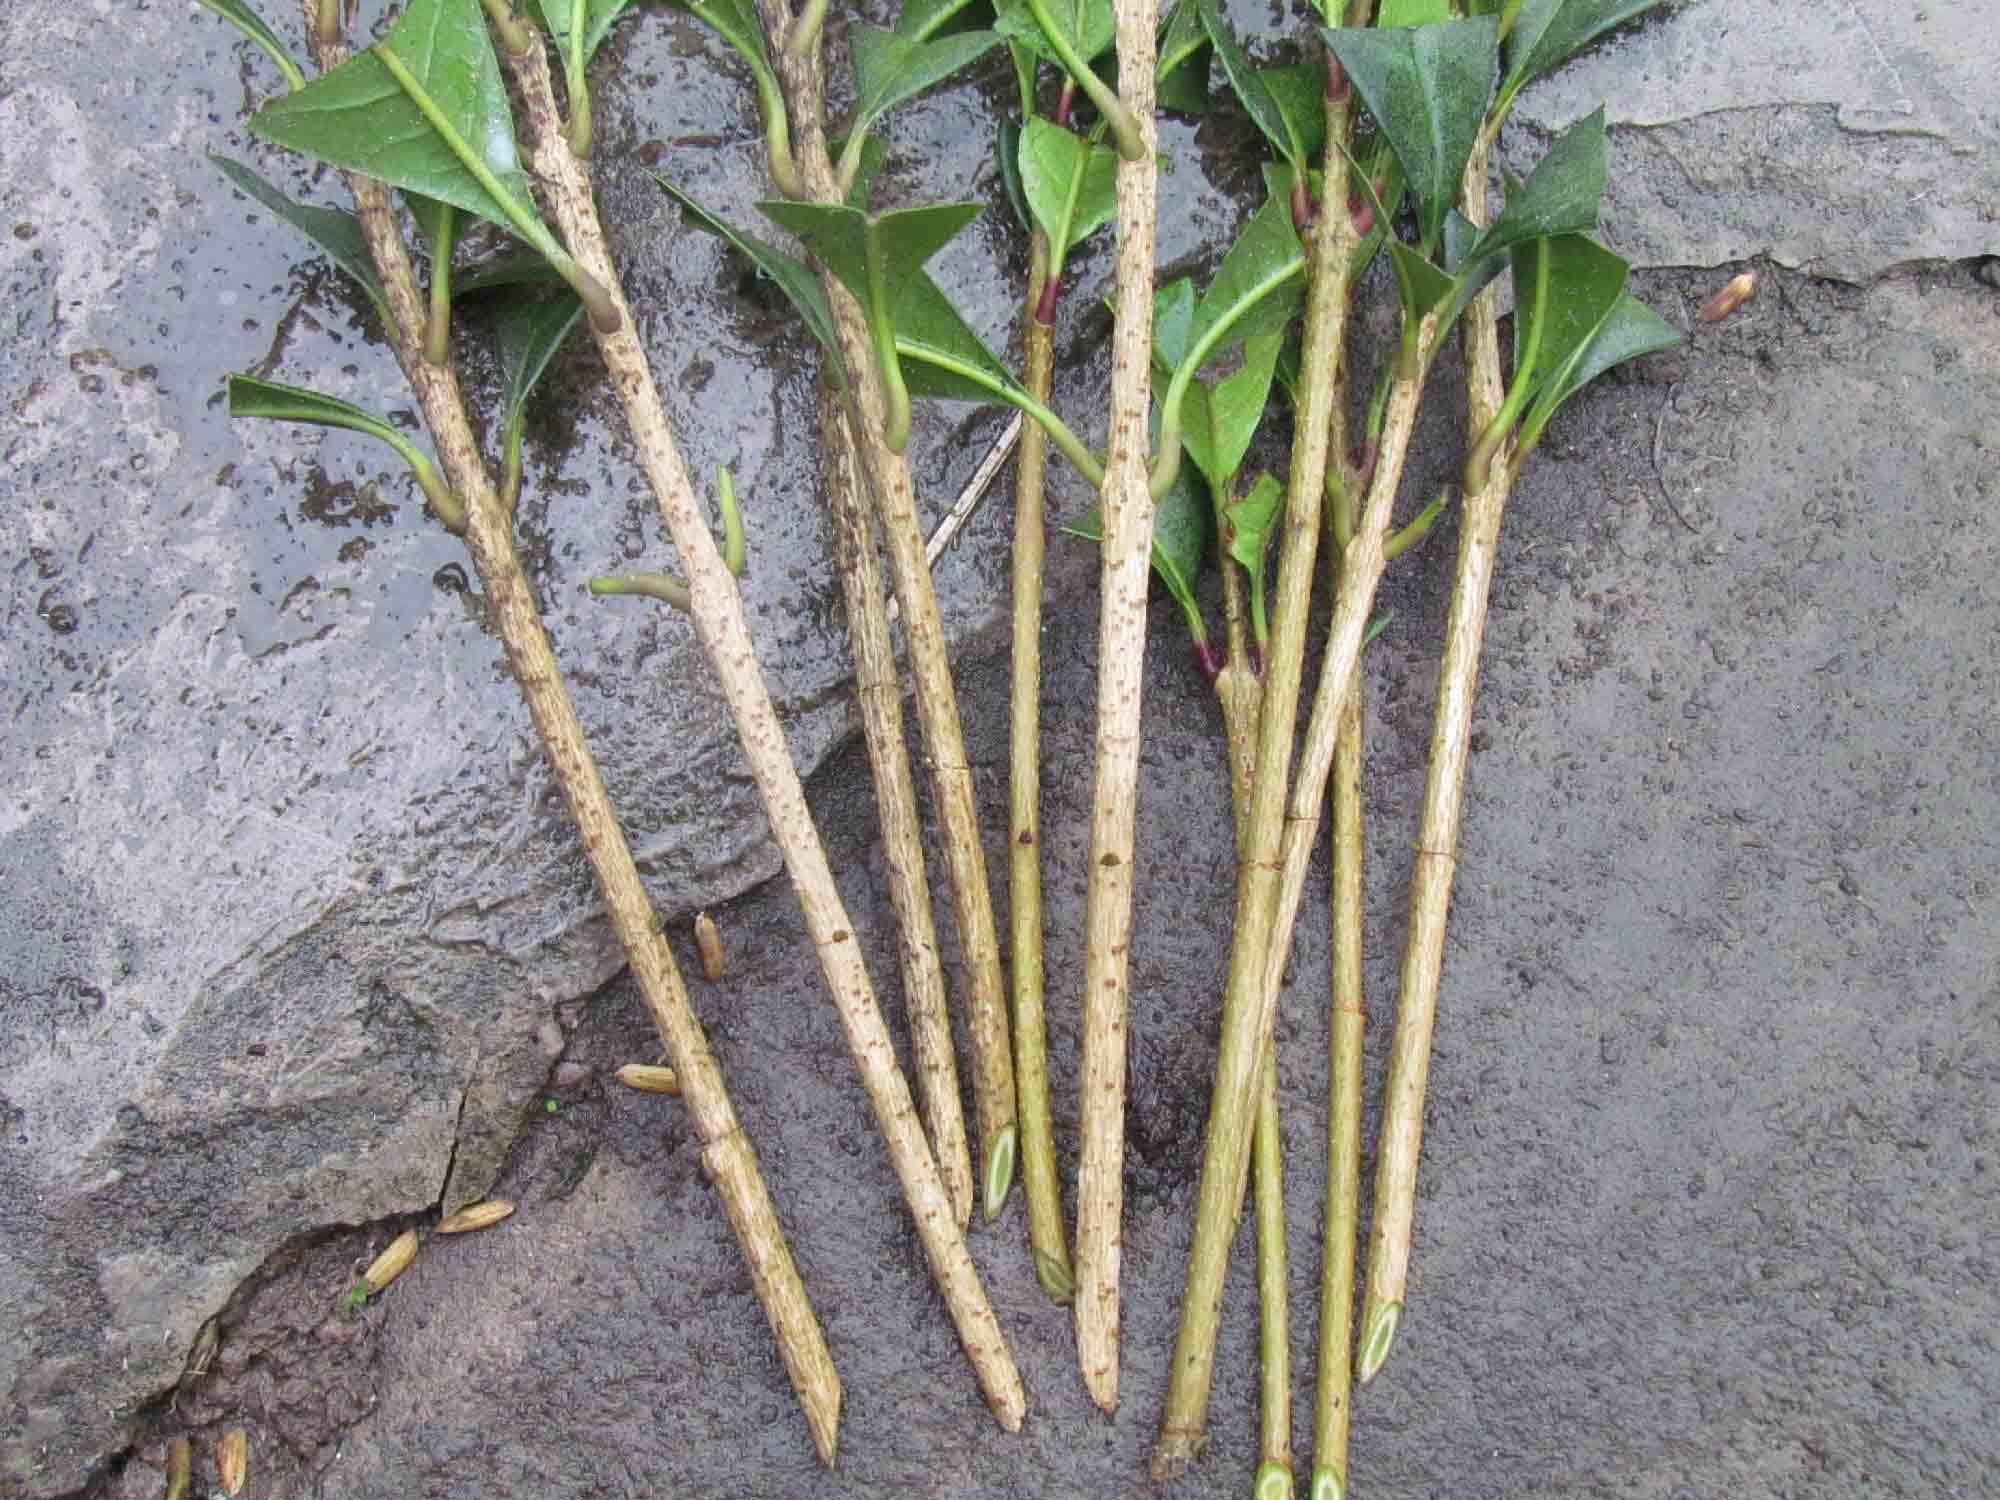 人们常用扦插\嫁接等方法繁殖果树.同有性生殖相比,其